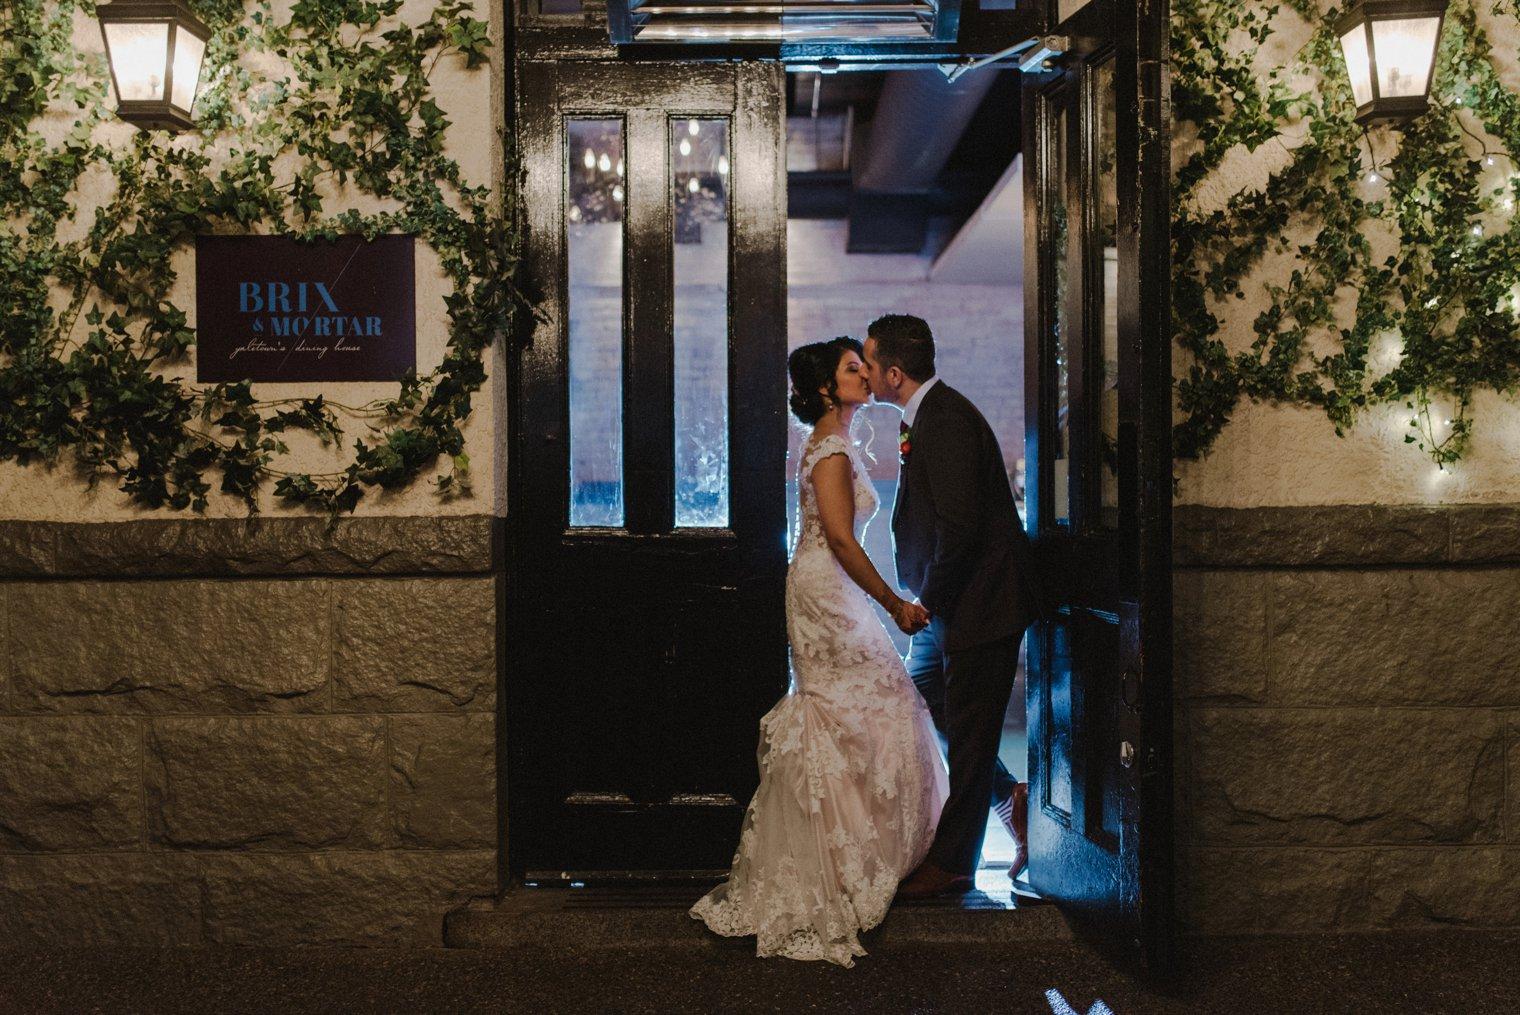 unique brix and mortar wedding